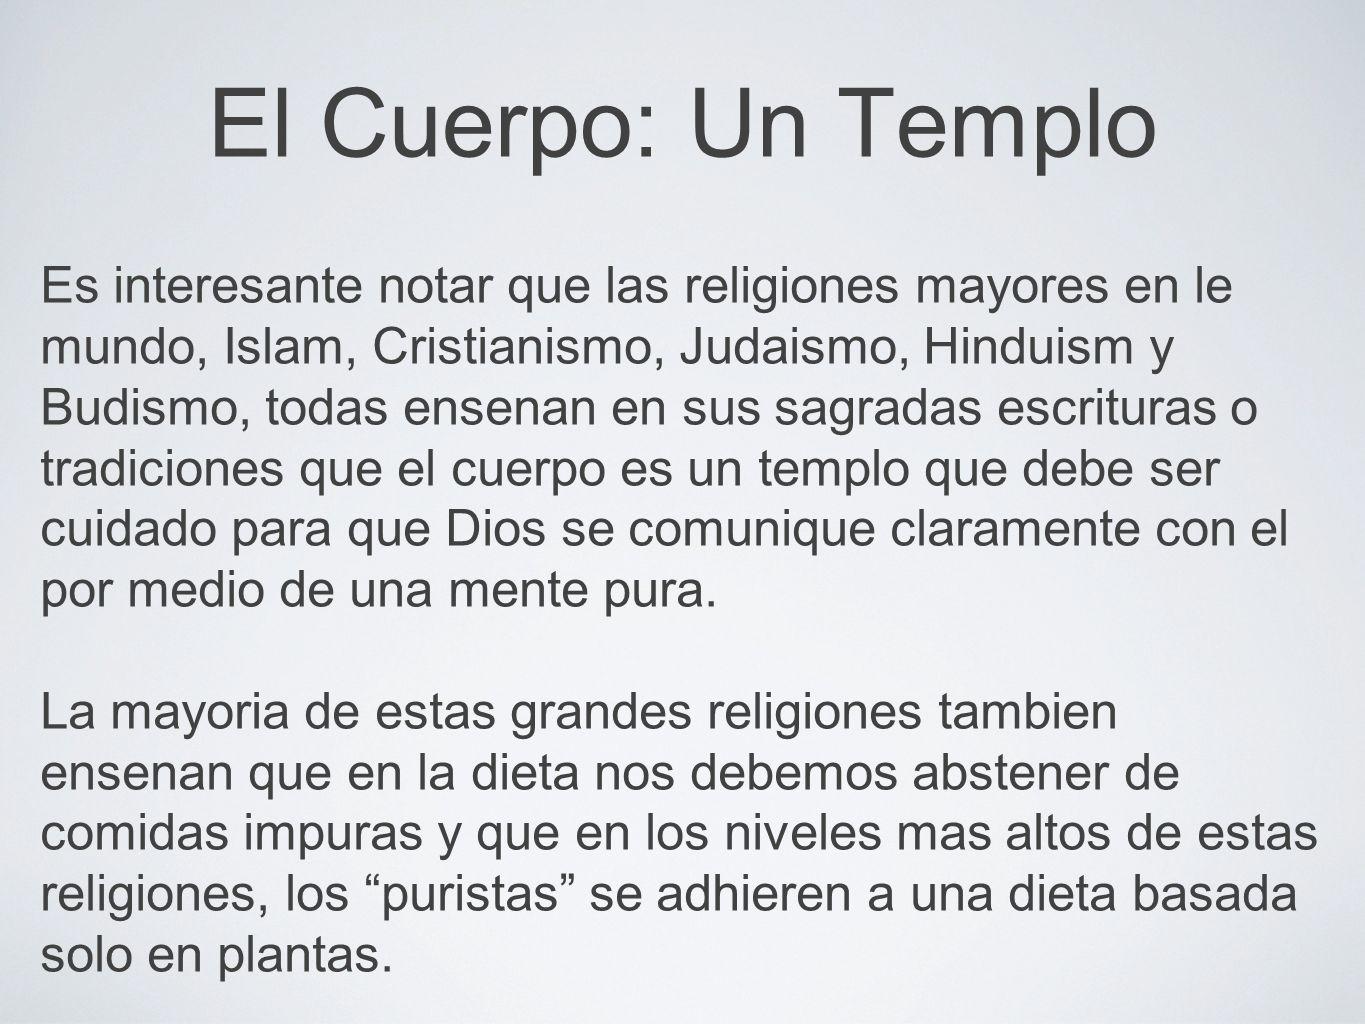 El Cuerpo: Un Templo